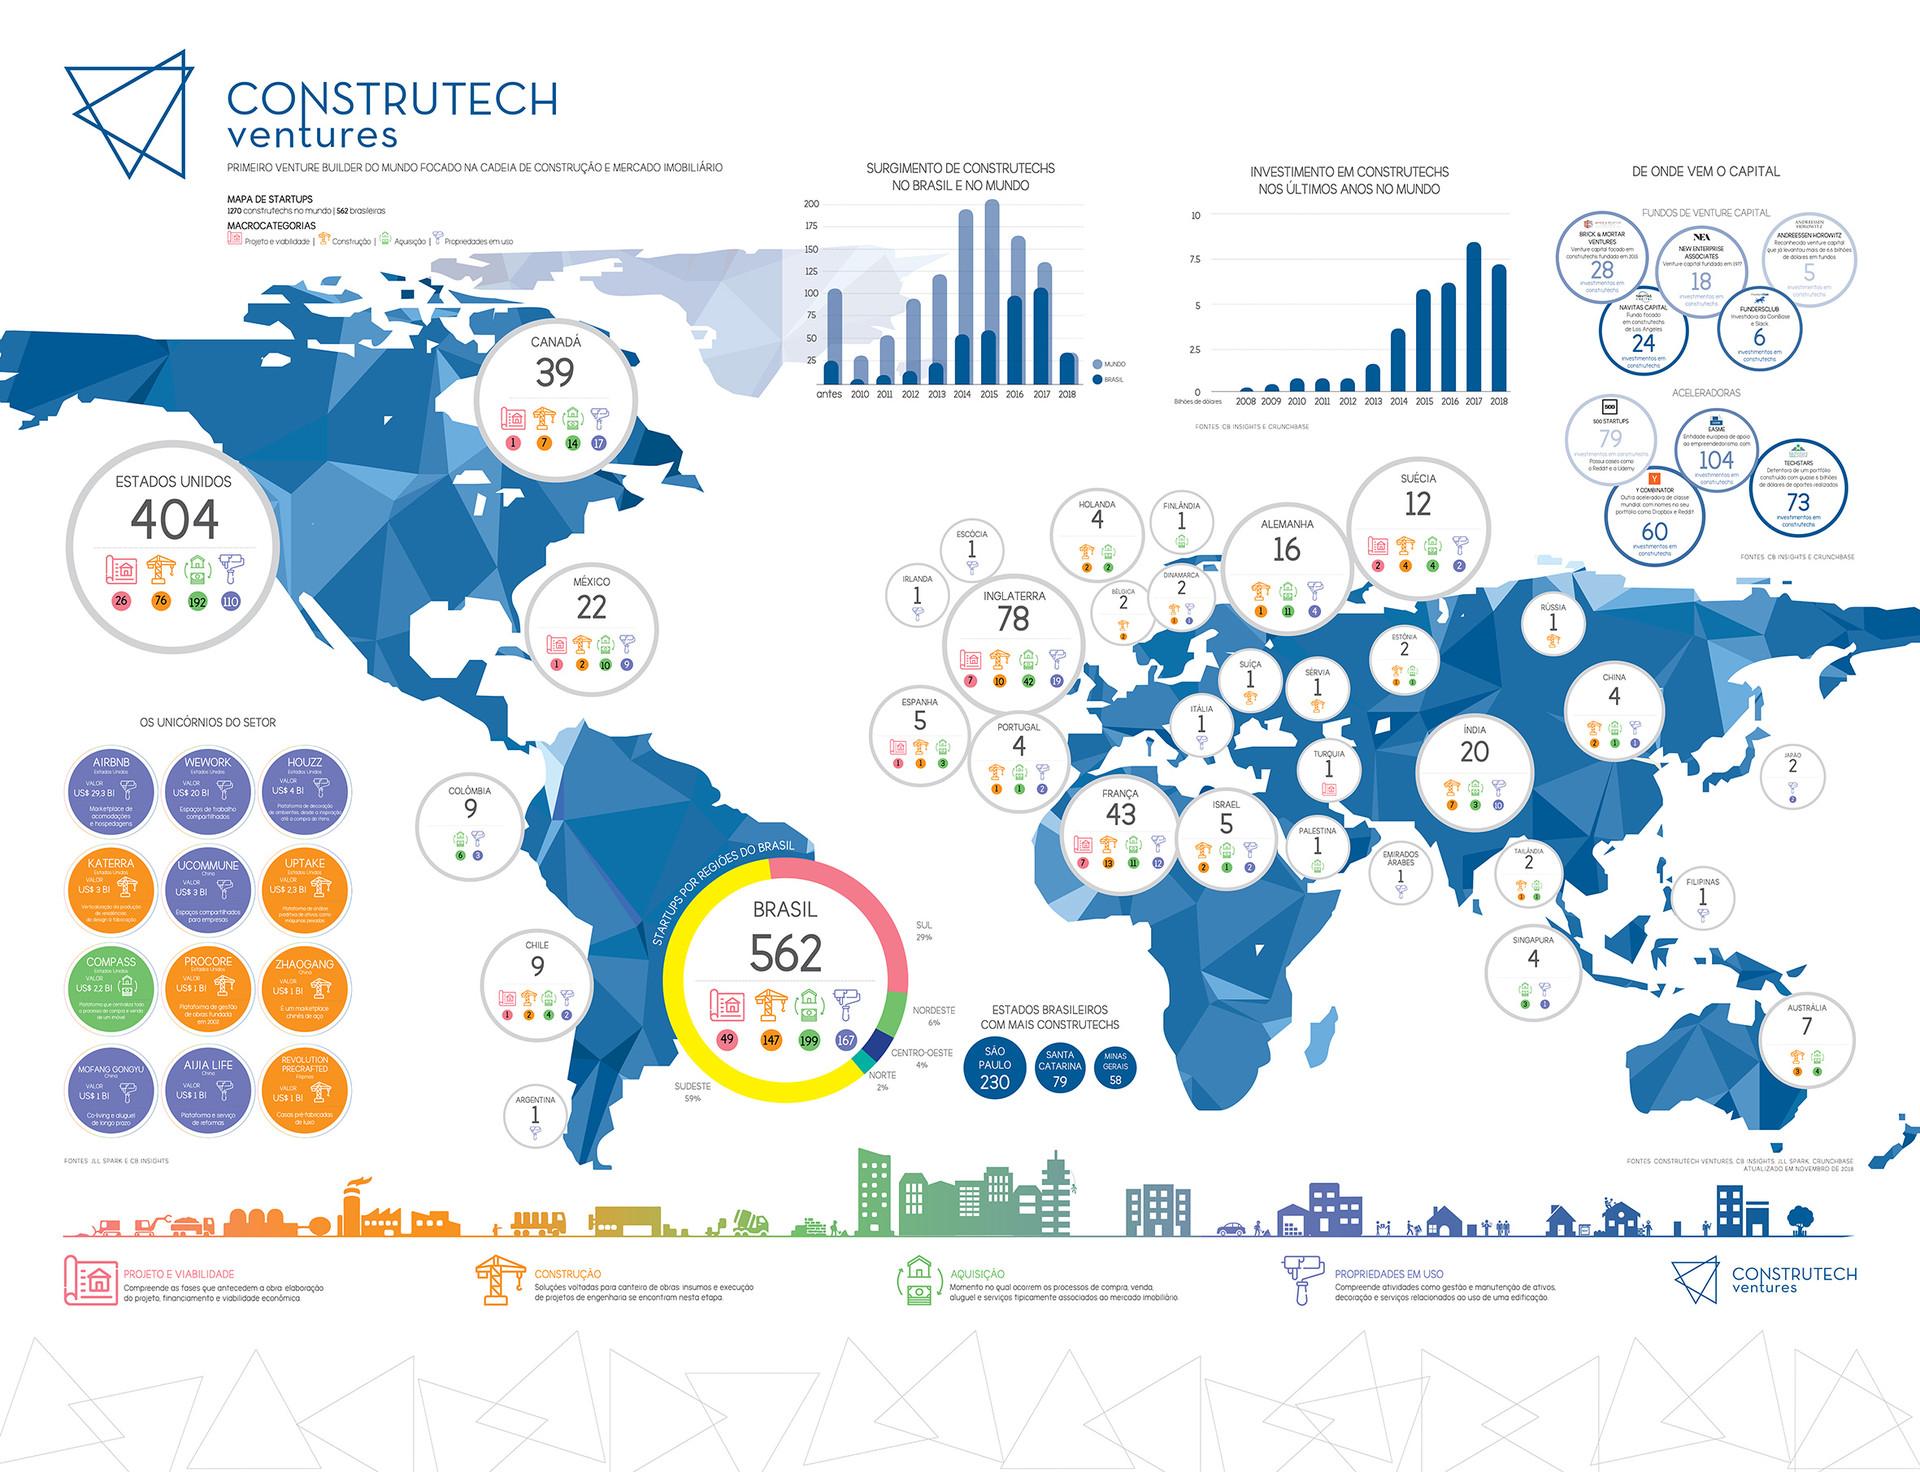 Ecossistema da Construtech